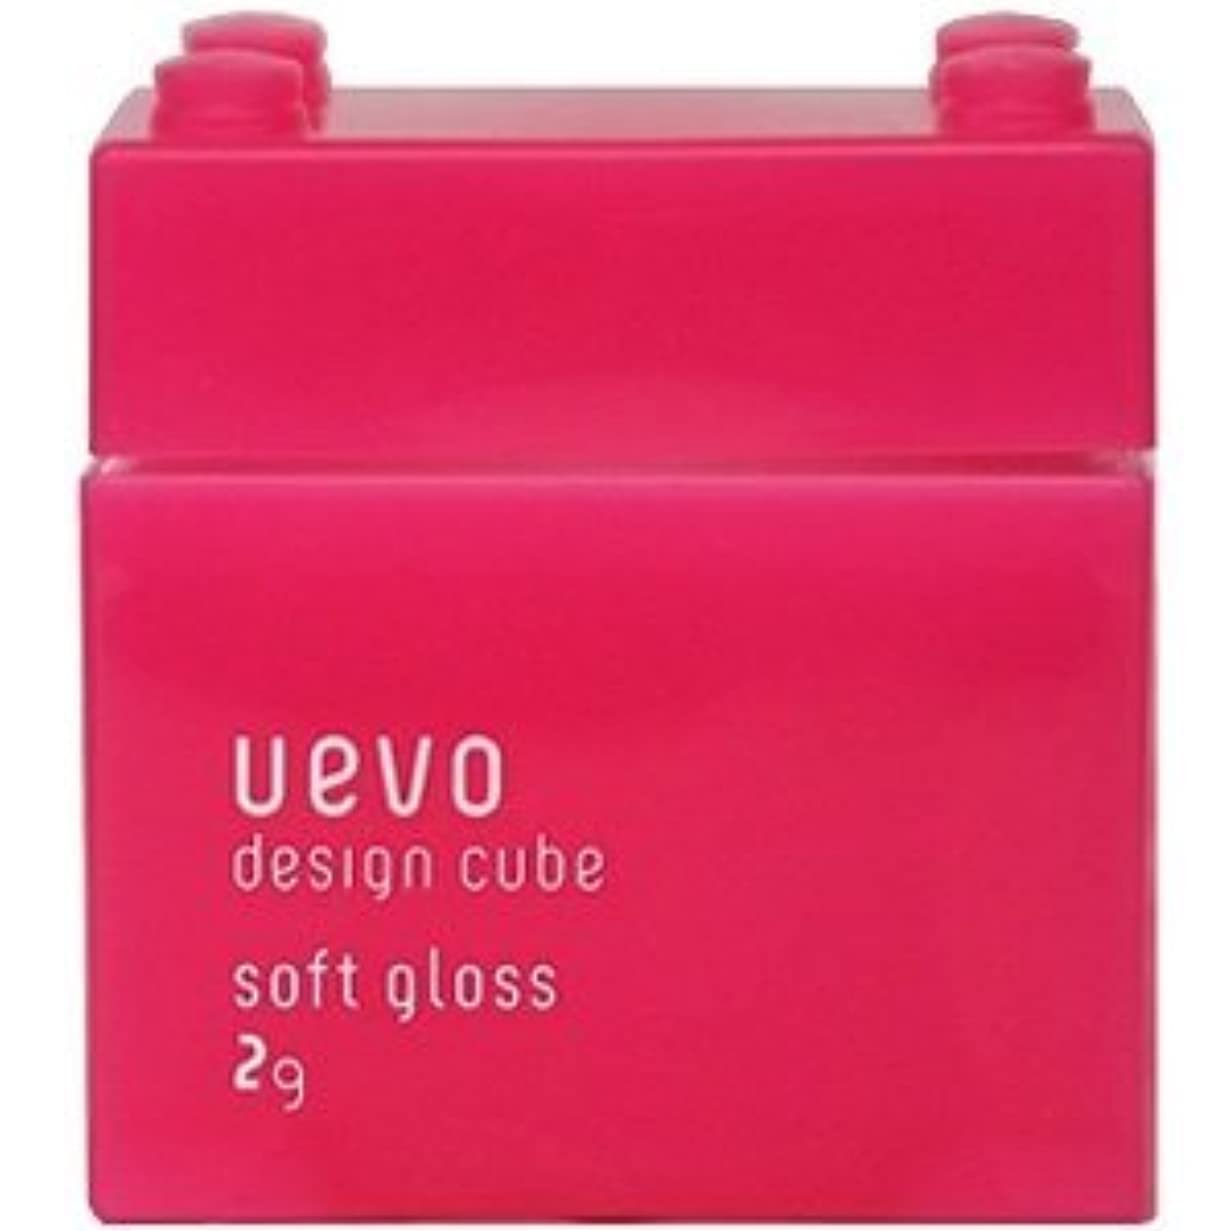 セールスマンフォーム意味のある【X3個セット】 デミ ウェーボ デザインキューブ ソフトグロス 80g soft gloss DEMI uevo design cube